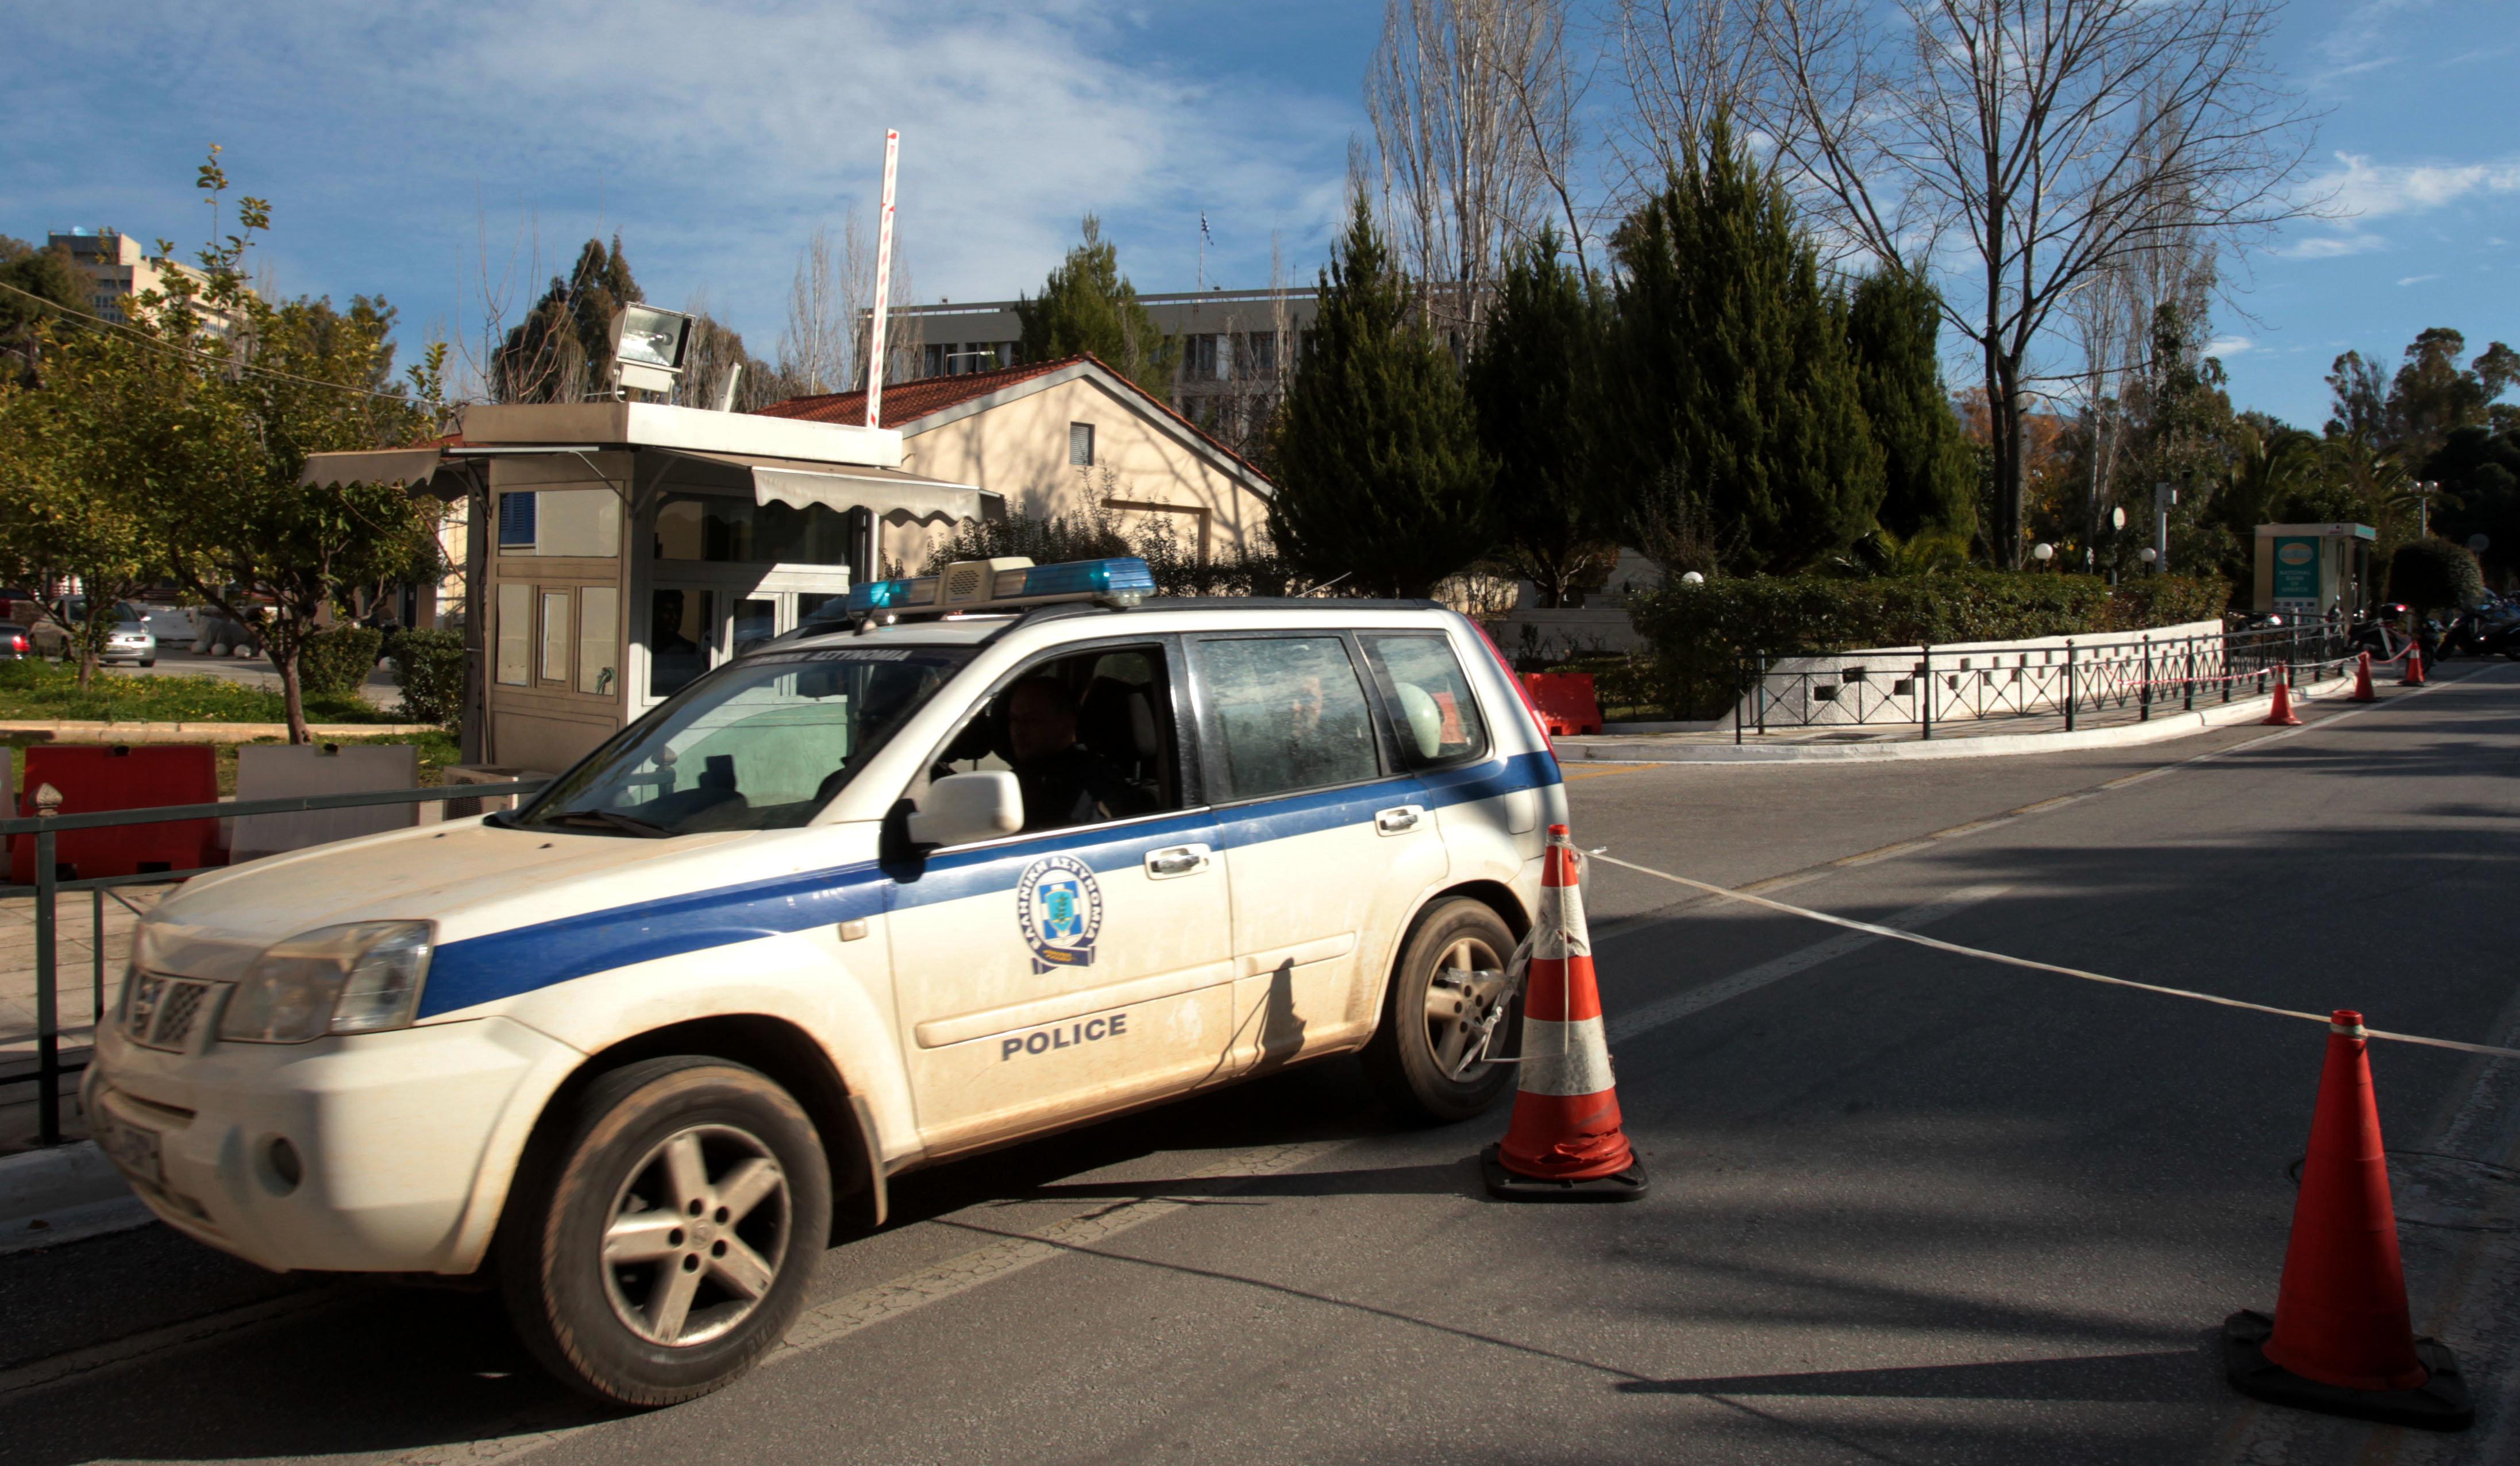 Συνελήφθη στη Θεσσαλονίκη 24χρονος φυγόποινος που έχει καταδικαστεί σε κάθειρξη 130